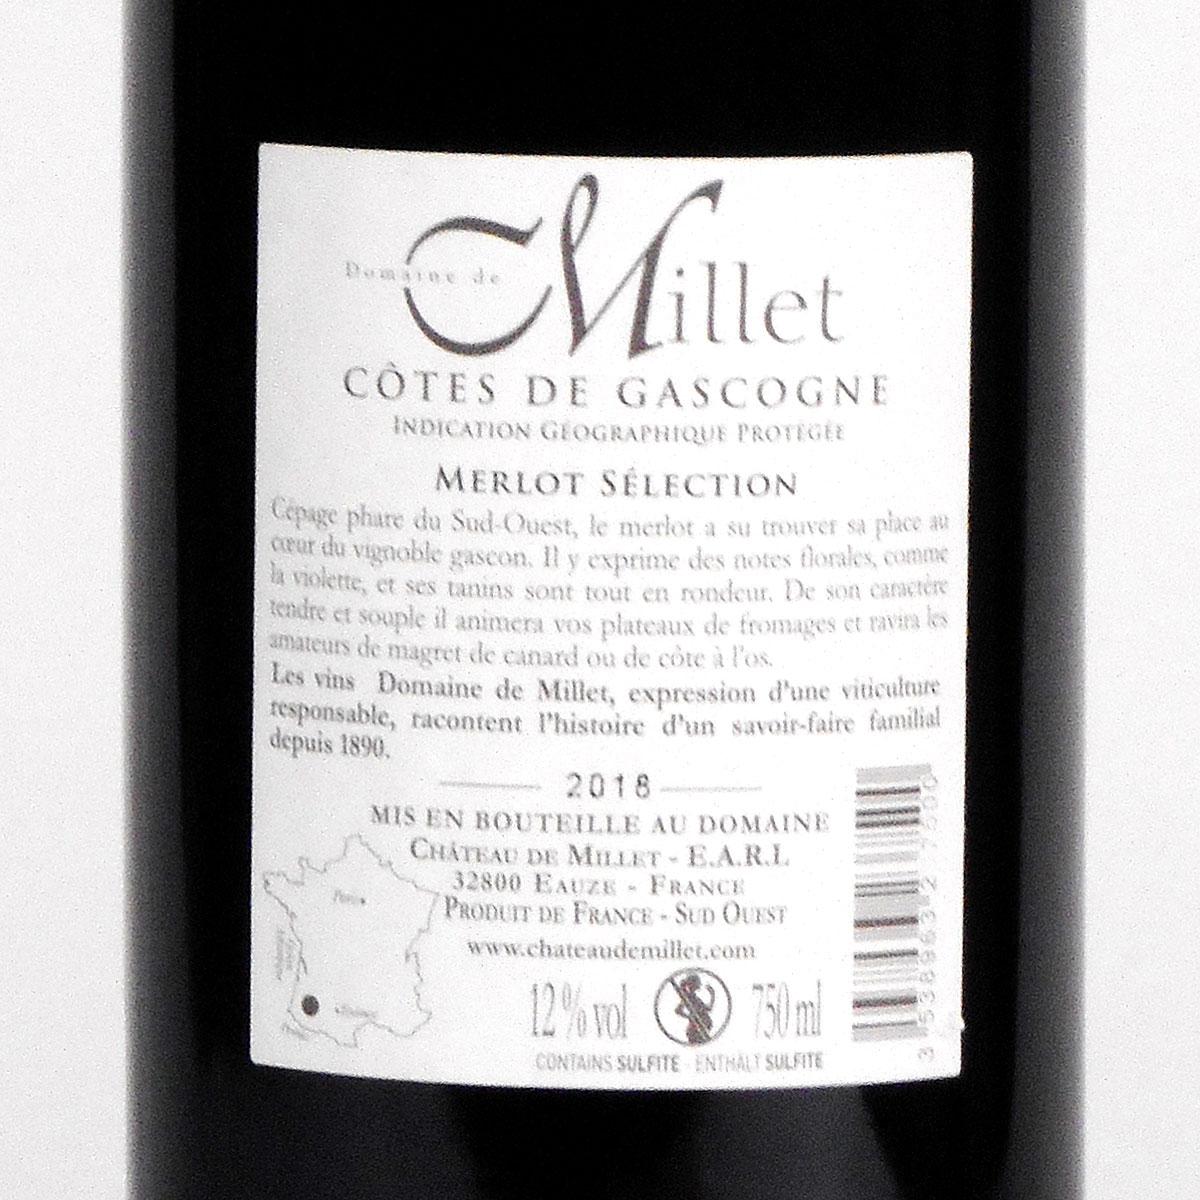 Côtes de Gascogne: Domaine Millet Merlot 2018 - Bottle Rear Label